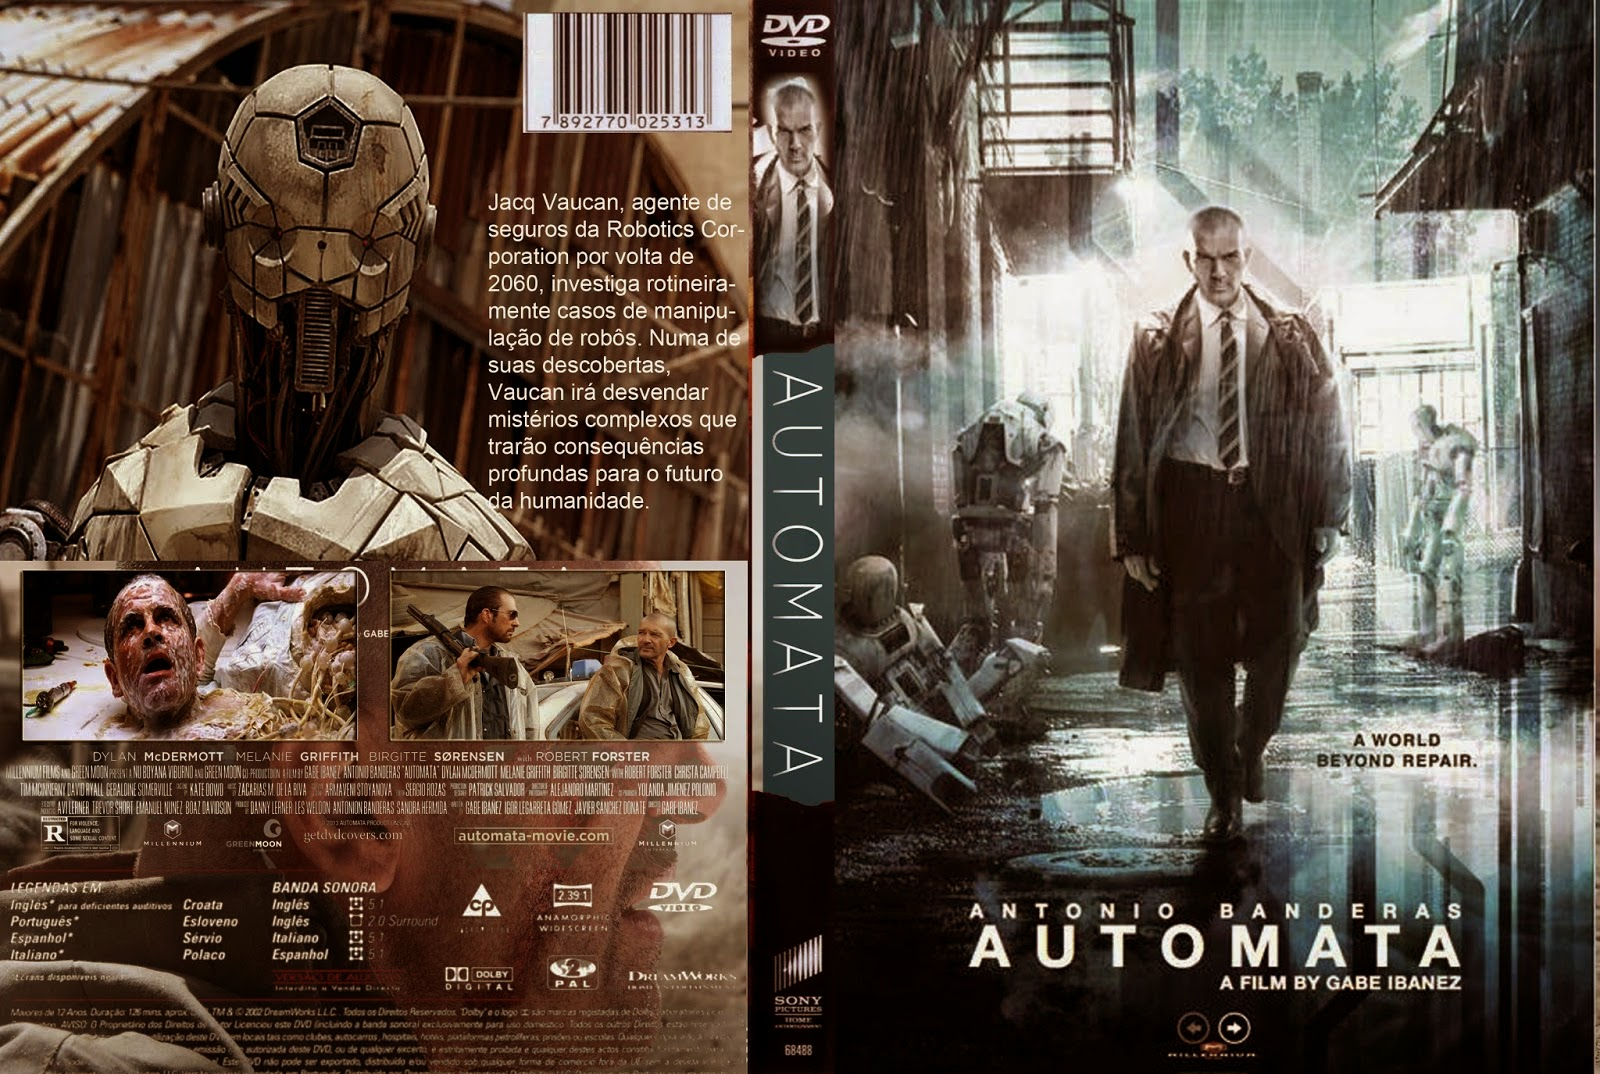 Baixar Agente do Futuro DVD-R Autorado Aut C3 B3mata 2B custom